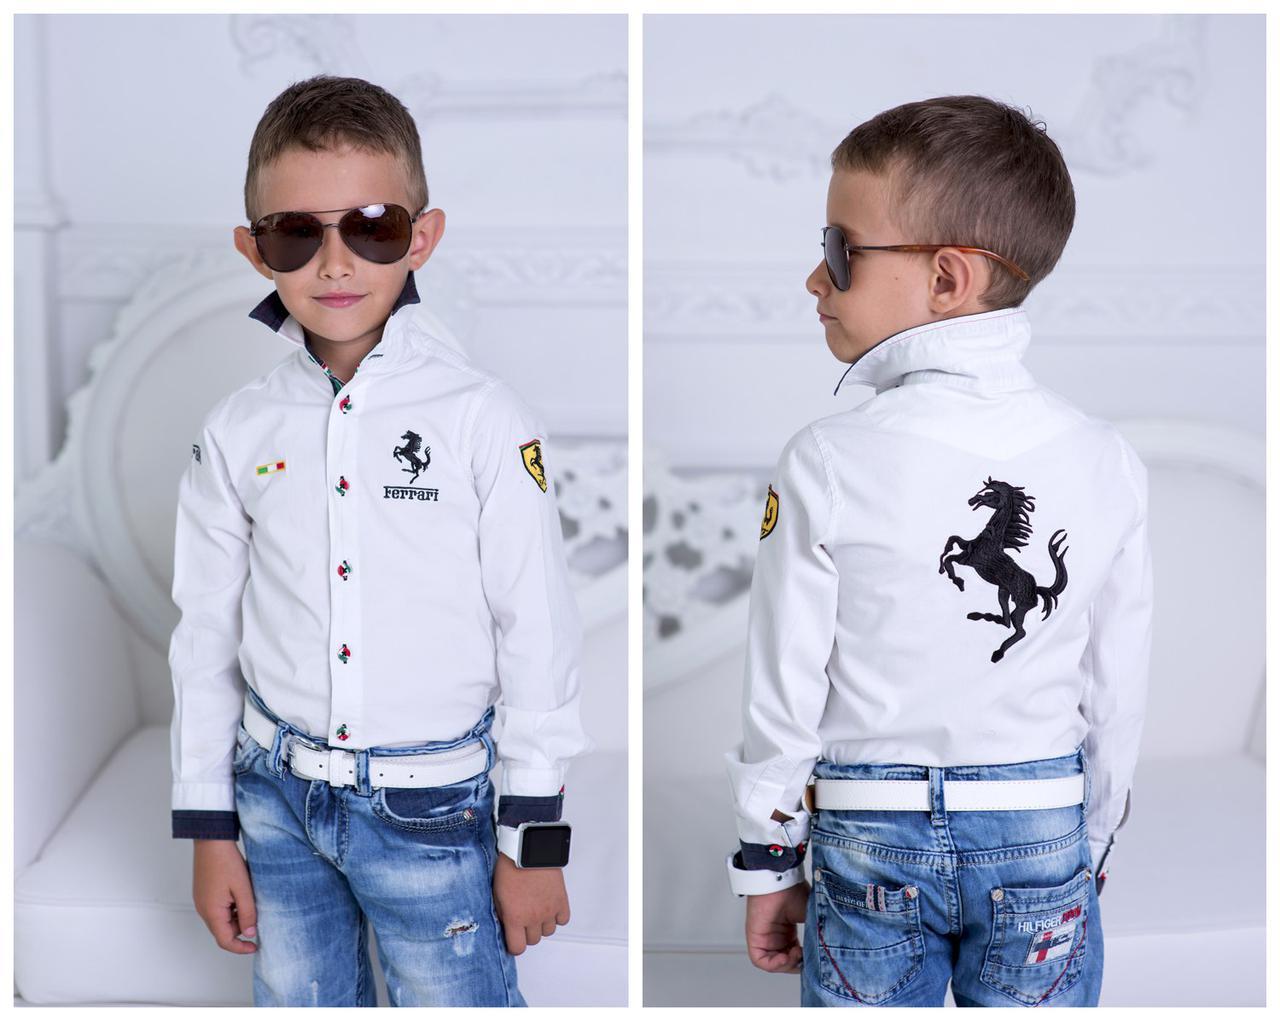 Рубашка  детская Ferrari,турецкая рубашечная ткань 100% хлопок Манжеты на рукавах,